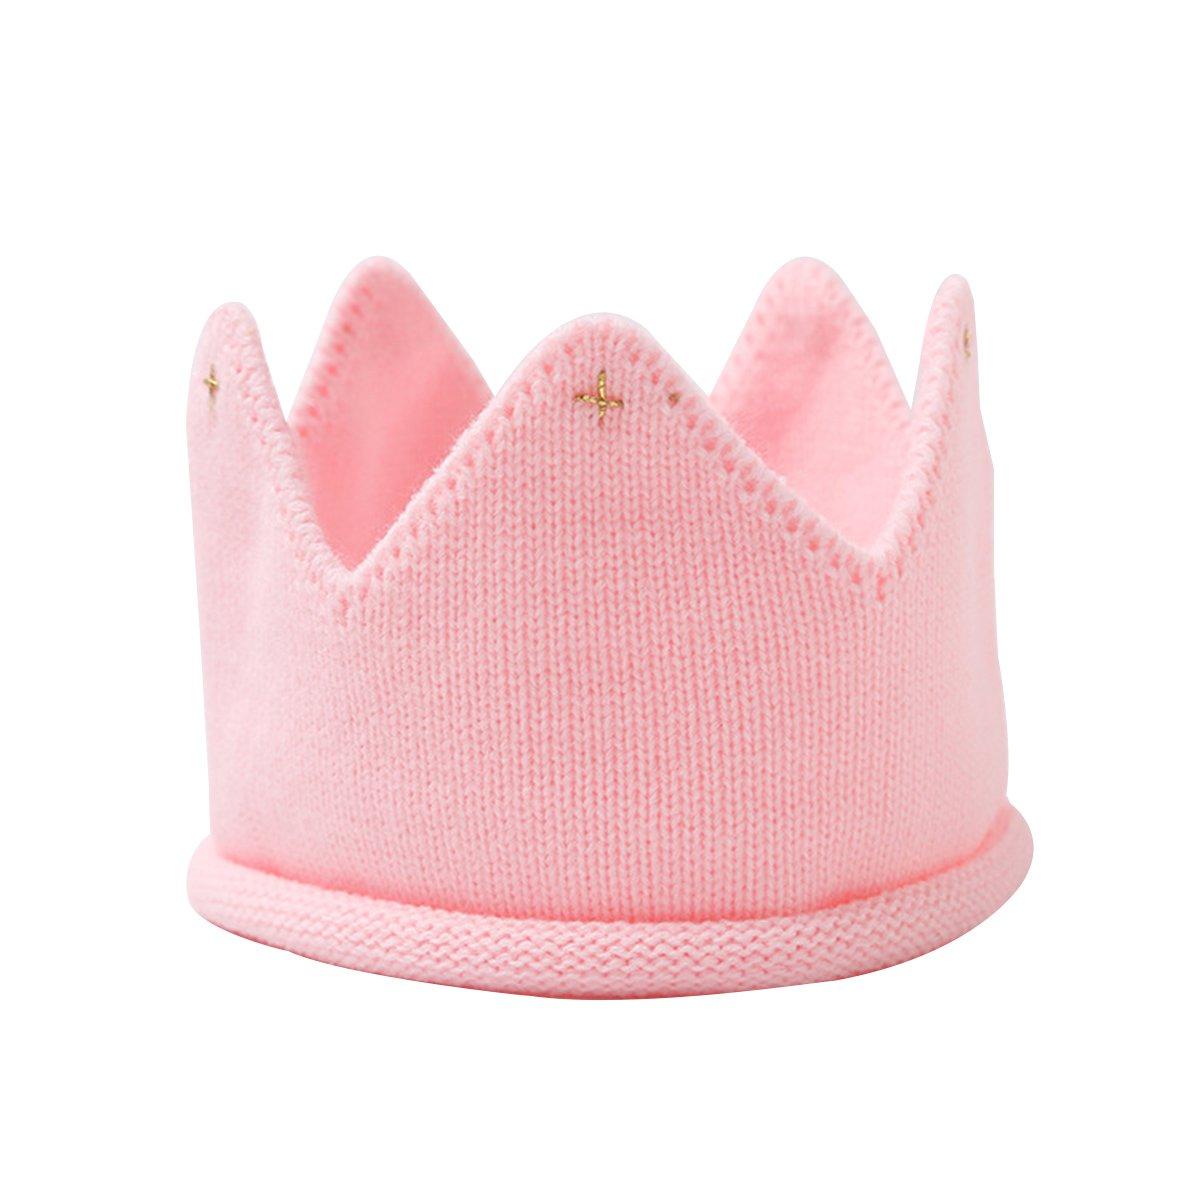 Cappello maglia corona OULII Cappellino principessa per bambine e neonate in maglia Rosa